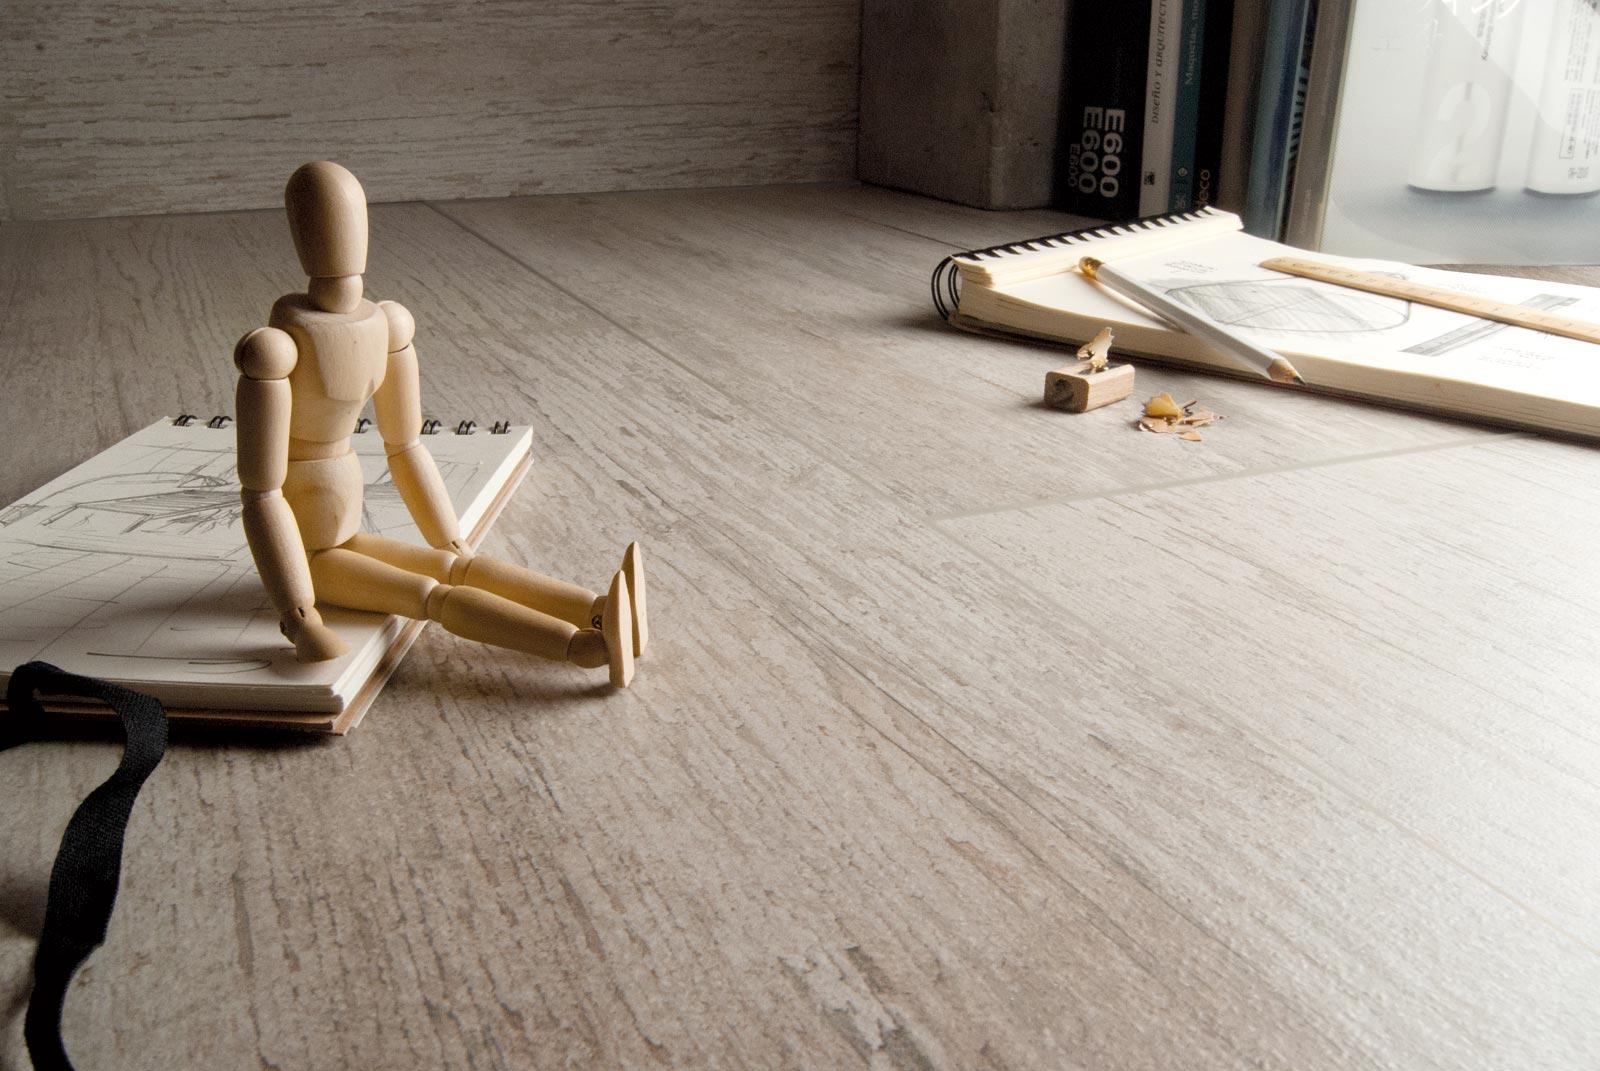 lander gr s c rame effet bois marazzi. Black Bedroom Furniture Sets. Home Design Ideas